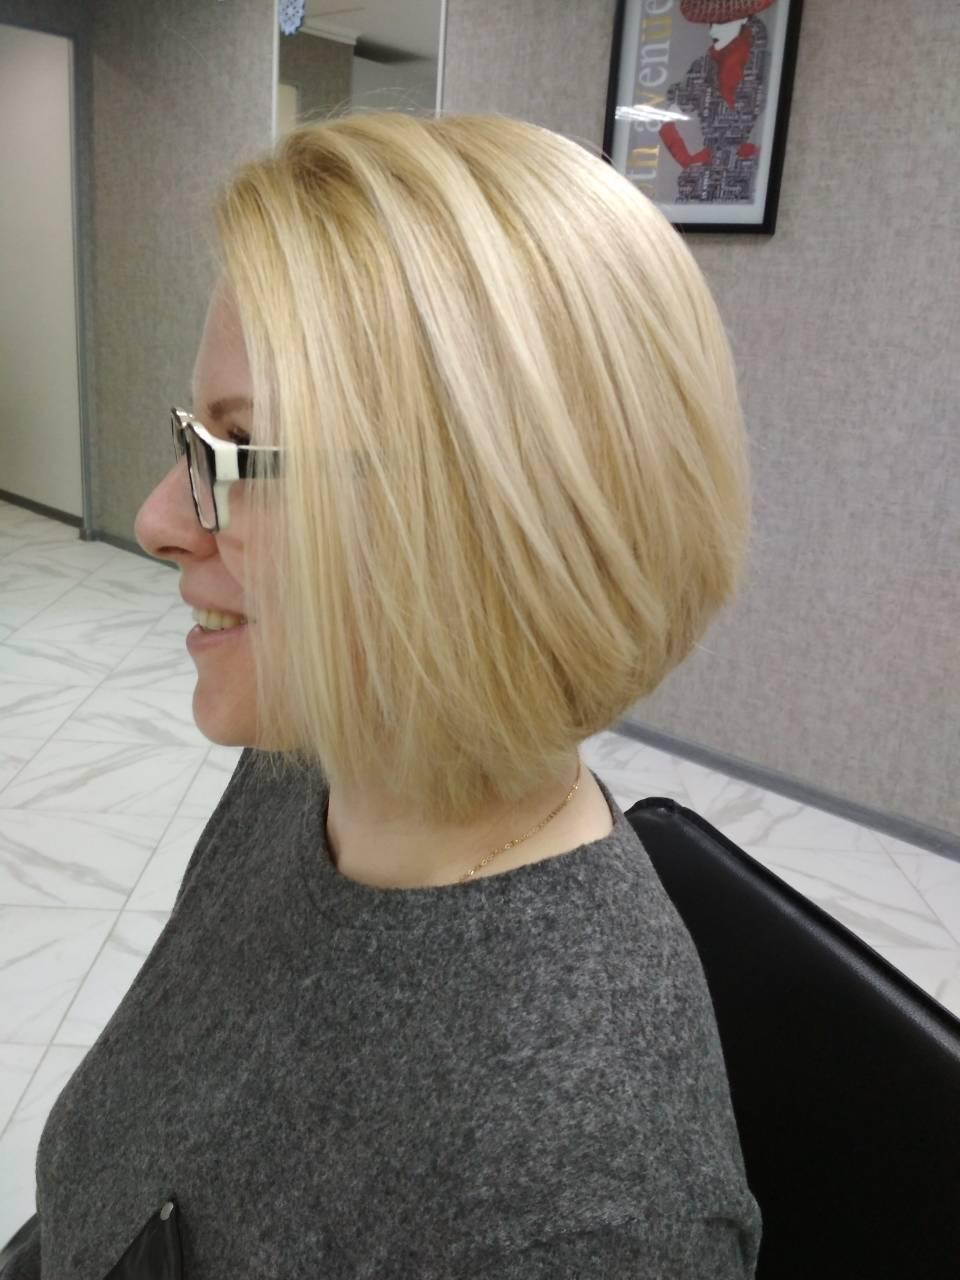 Стрижка + окрашивание в один тон, укладка волос от 9 руб.